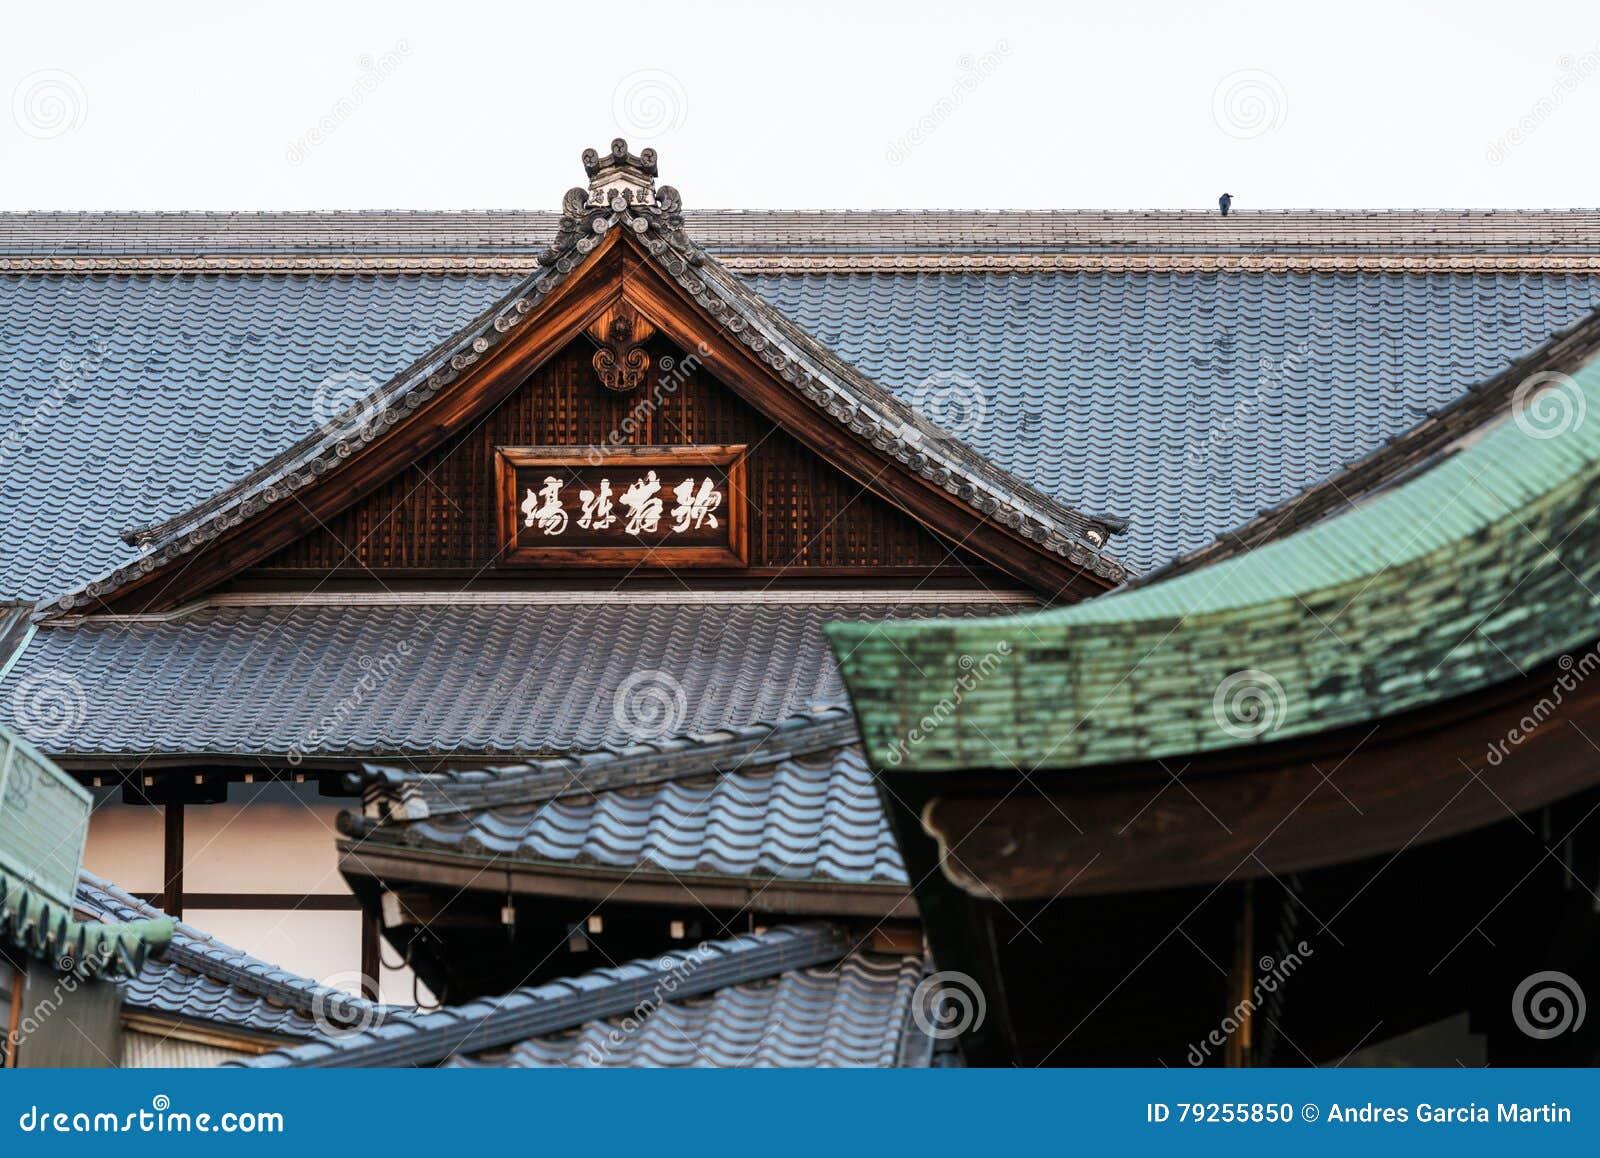 tetti delle case giapponesi tradizionali in gion kyoto